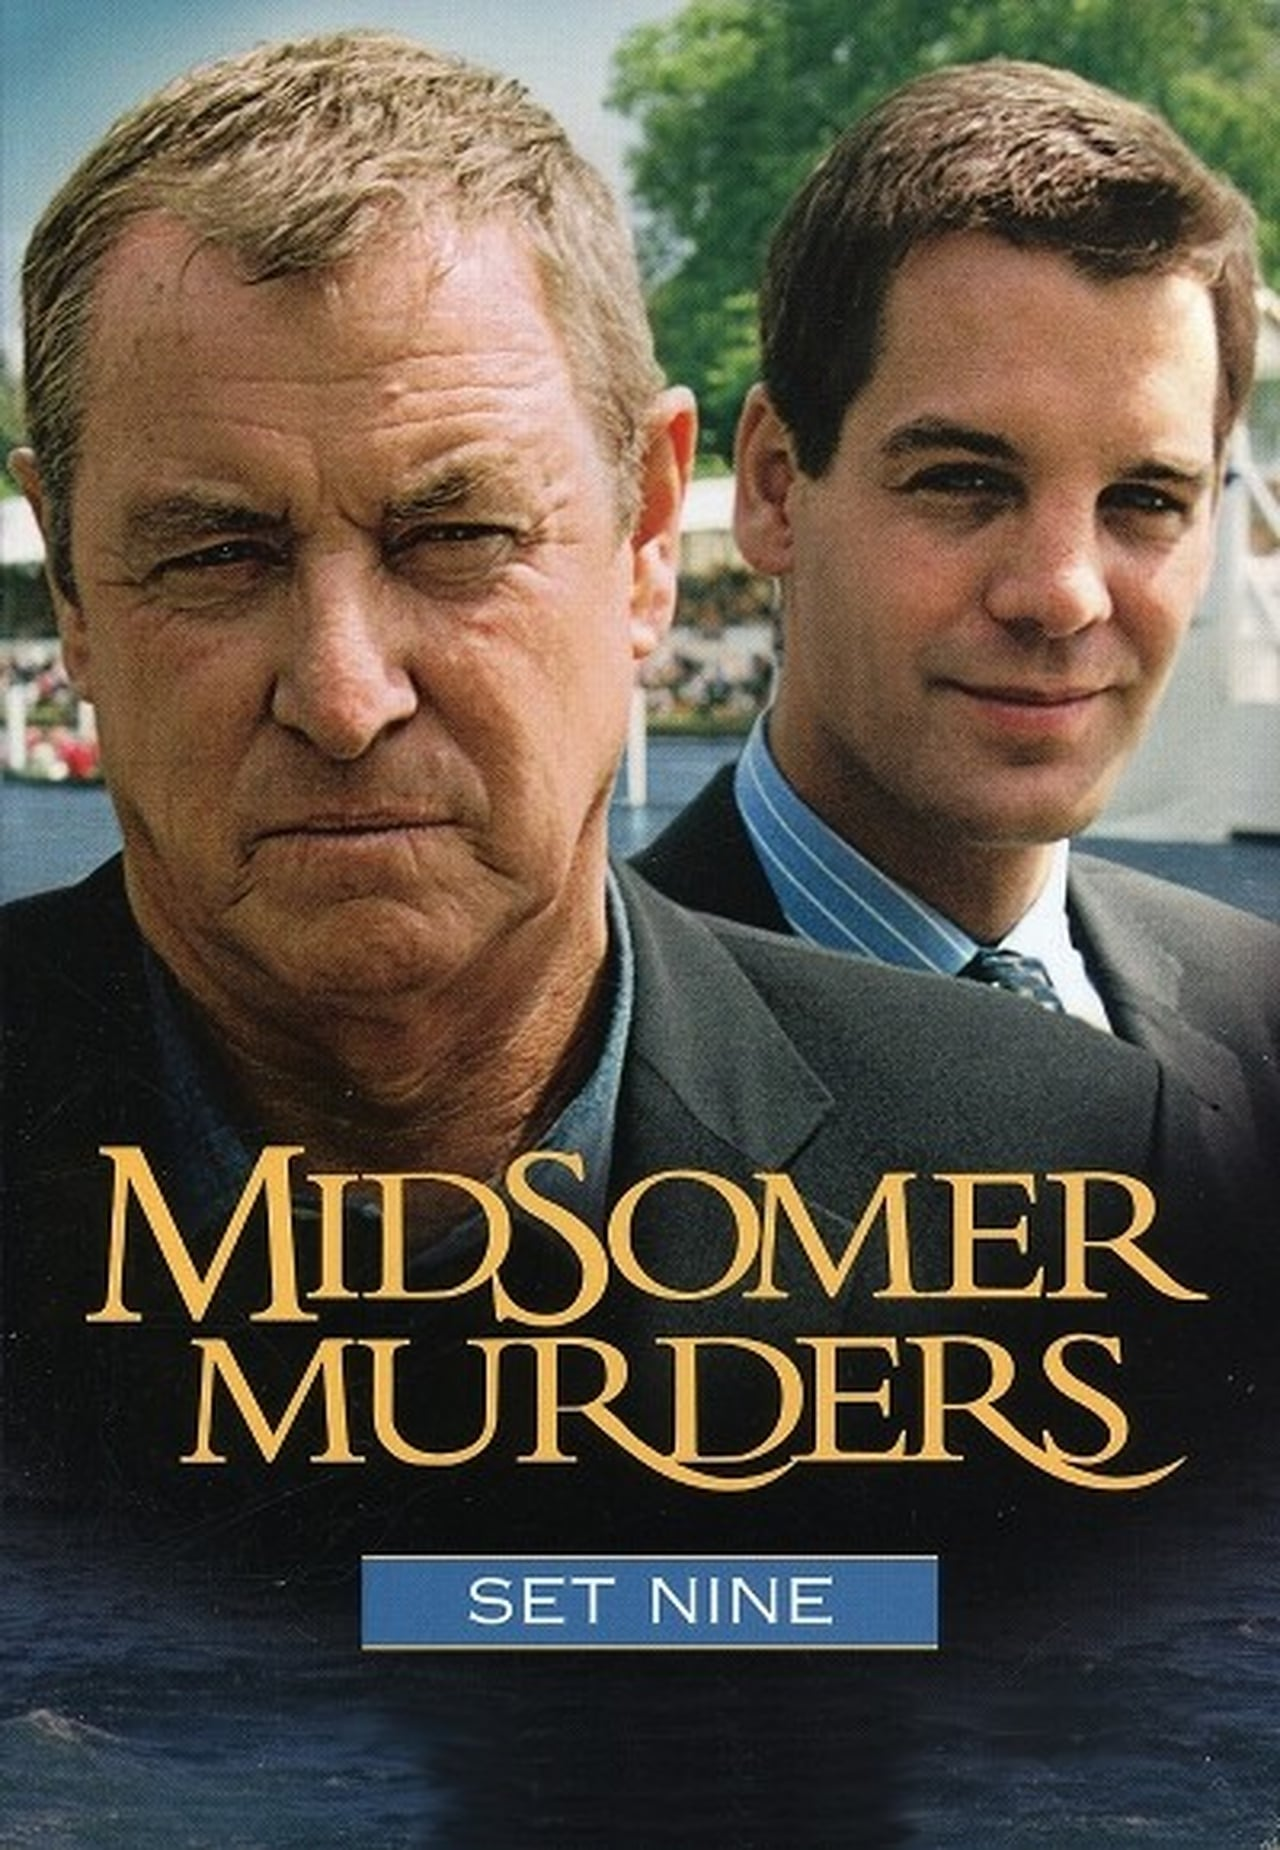 Midsomer Murders Season 9